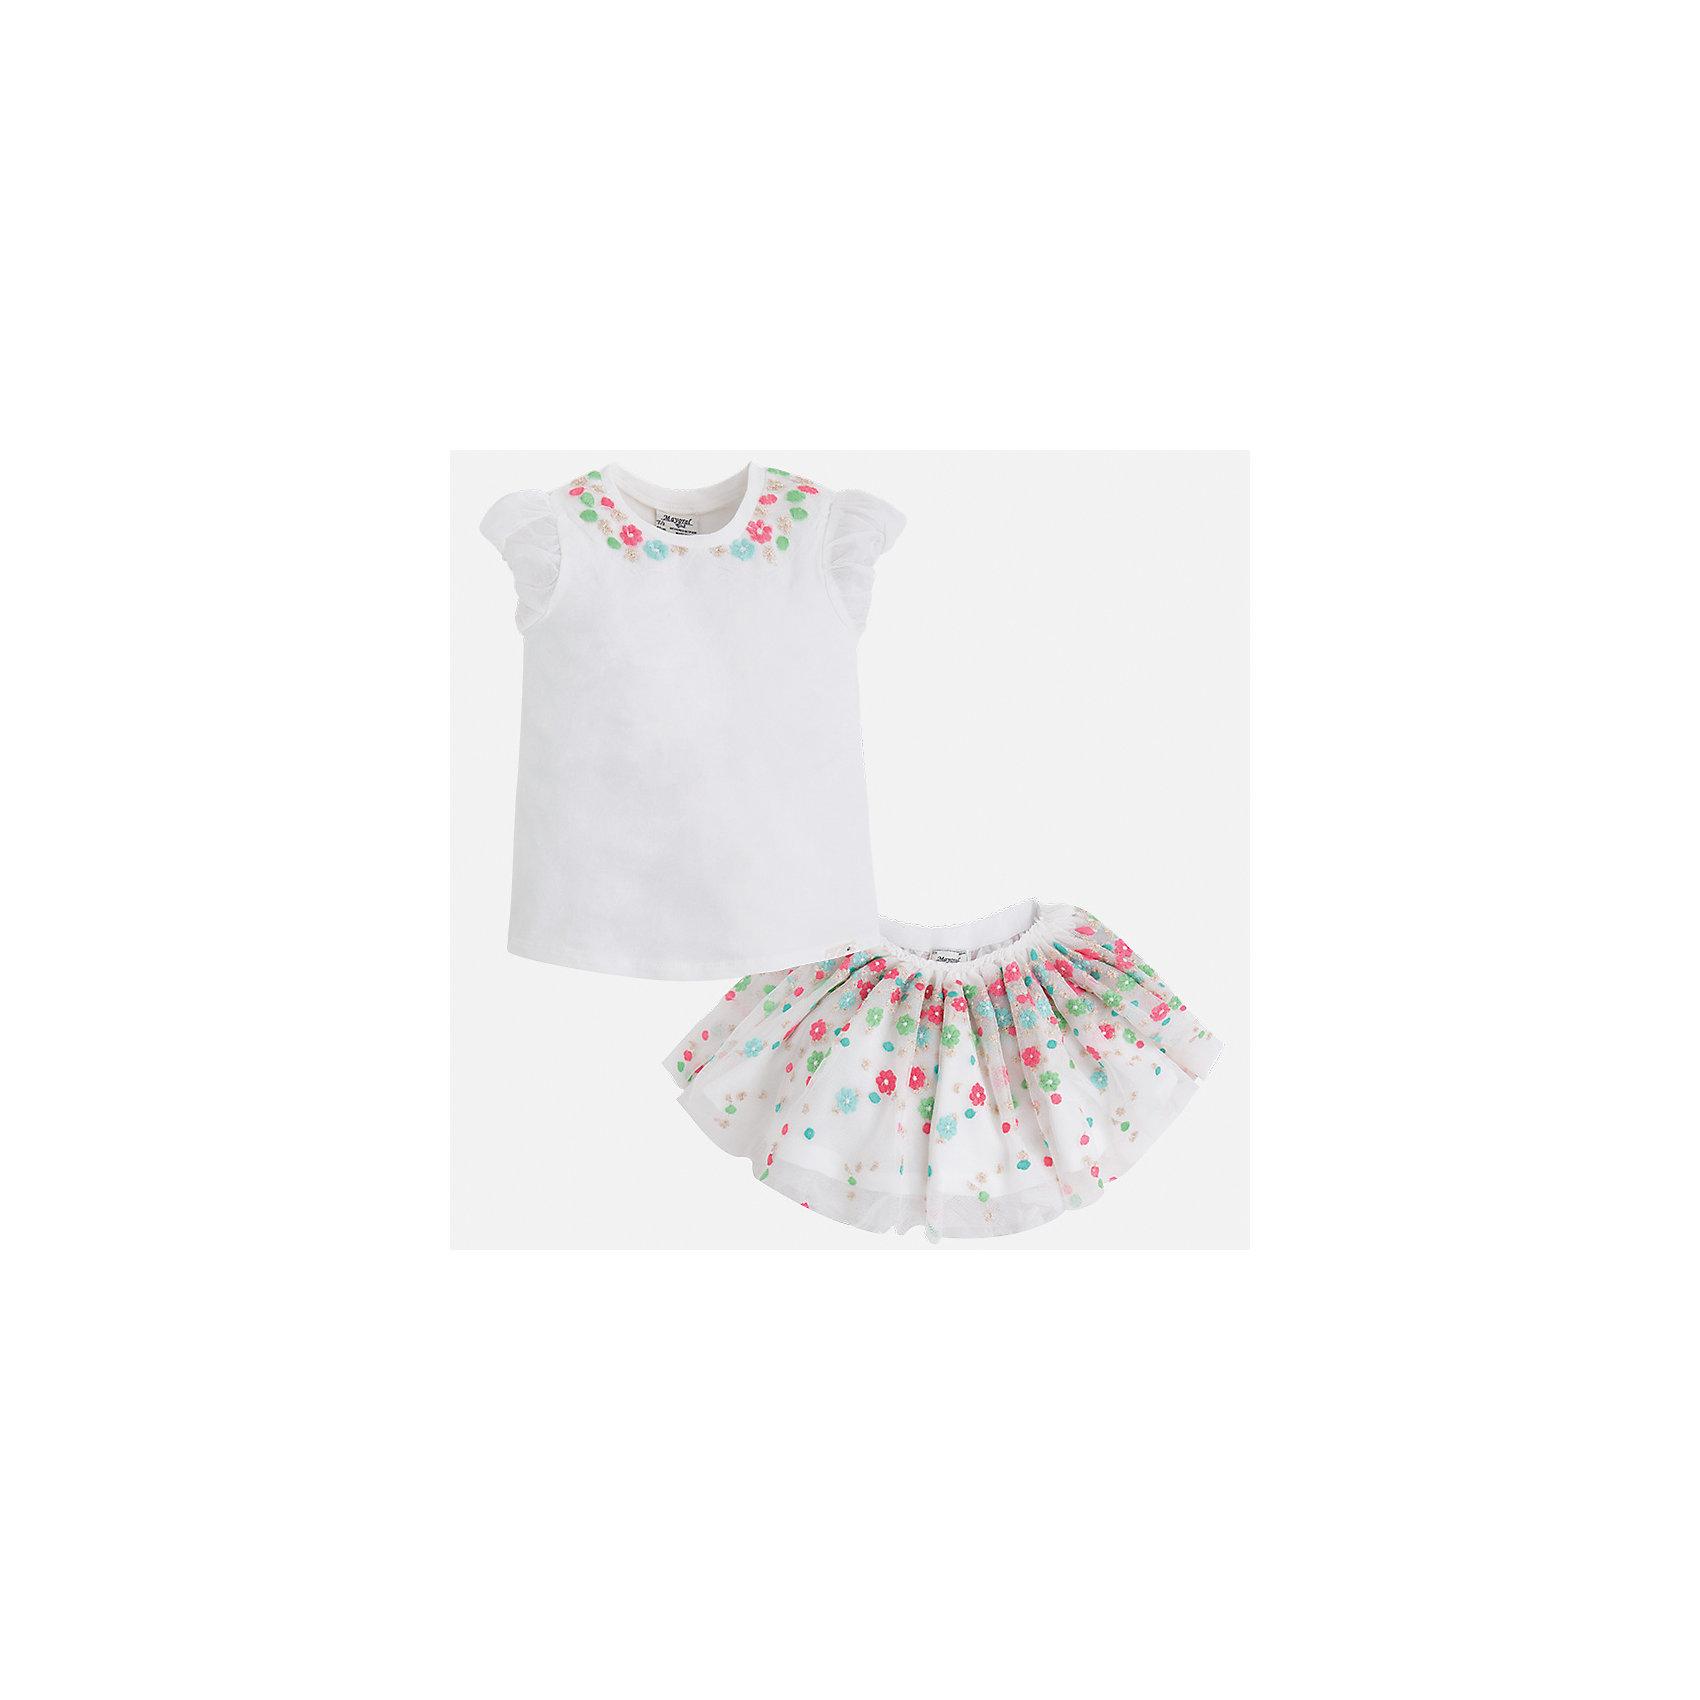 Комплект: топ и юбка для девочки MayoralХарактеристики товара:<br><br>• цвет: белый<br>• состав: 57% хлопок, 38% полиэстер, 5% эластан<br>• комплектация: юбка, топ<br>• топ декорирован вышивкой<br>• юбка декорирована принтом<br>• пояс на резинке<br>• страна бренда: Испания<br><br>Стильный качественный комплект для девочки поможет разнообразить гардероб ребенка и красиво одеться в теплую погоду. Он отлично сочетается с другими предметами. Универсальный цвет позволяет подобрать к вещам обувь практически любой расцветки. Интересная отделка модели делает её нарядной и оригинальной. В составе материала - натуральный хлопок, гипоаллергенный, приятный на ощупь, дышащий.<br><br>Одежда, обувь и аксессуары от испанского бренда Mayoral полюбились детям и взрослым по всему миру. Модели этой марки - стильные и удобные. Для их производства используются только безопасные, качественные материалы и фурнитура. Порадуйте ребенка модными и красивыми вещами от Mayoral! <br><br>Комплект для девочки от испанского бренда Mayoral (Майорал) можно купить в нашем интернет-магазине.<br><br>Ширина мм: 207<br>Глубина мм: 10<br>Высота мм: 189<br>Вес г: 183<br>Цвет: синий<br>Возраст от месяцев: 96<br>Возраст до месяцев: 108<br>Пол: Женский<br>Возраст: Детский<br>Размер: 134,98,104,110,116,122,128<br>SKU: 5291423